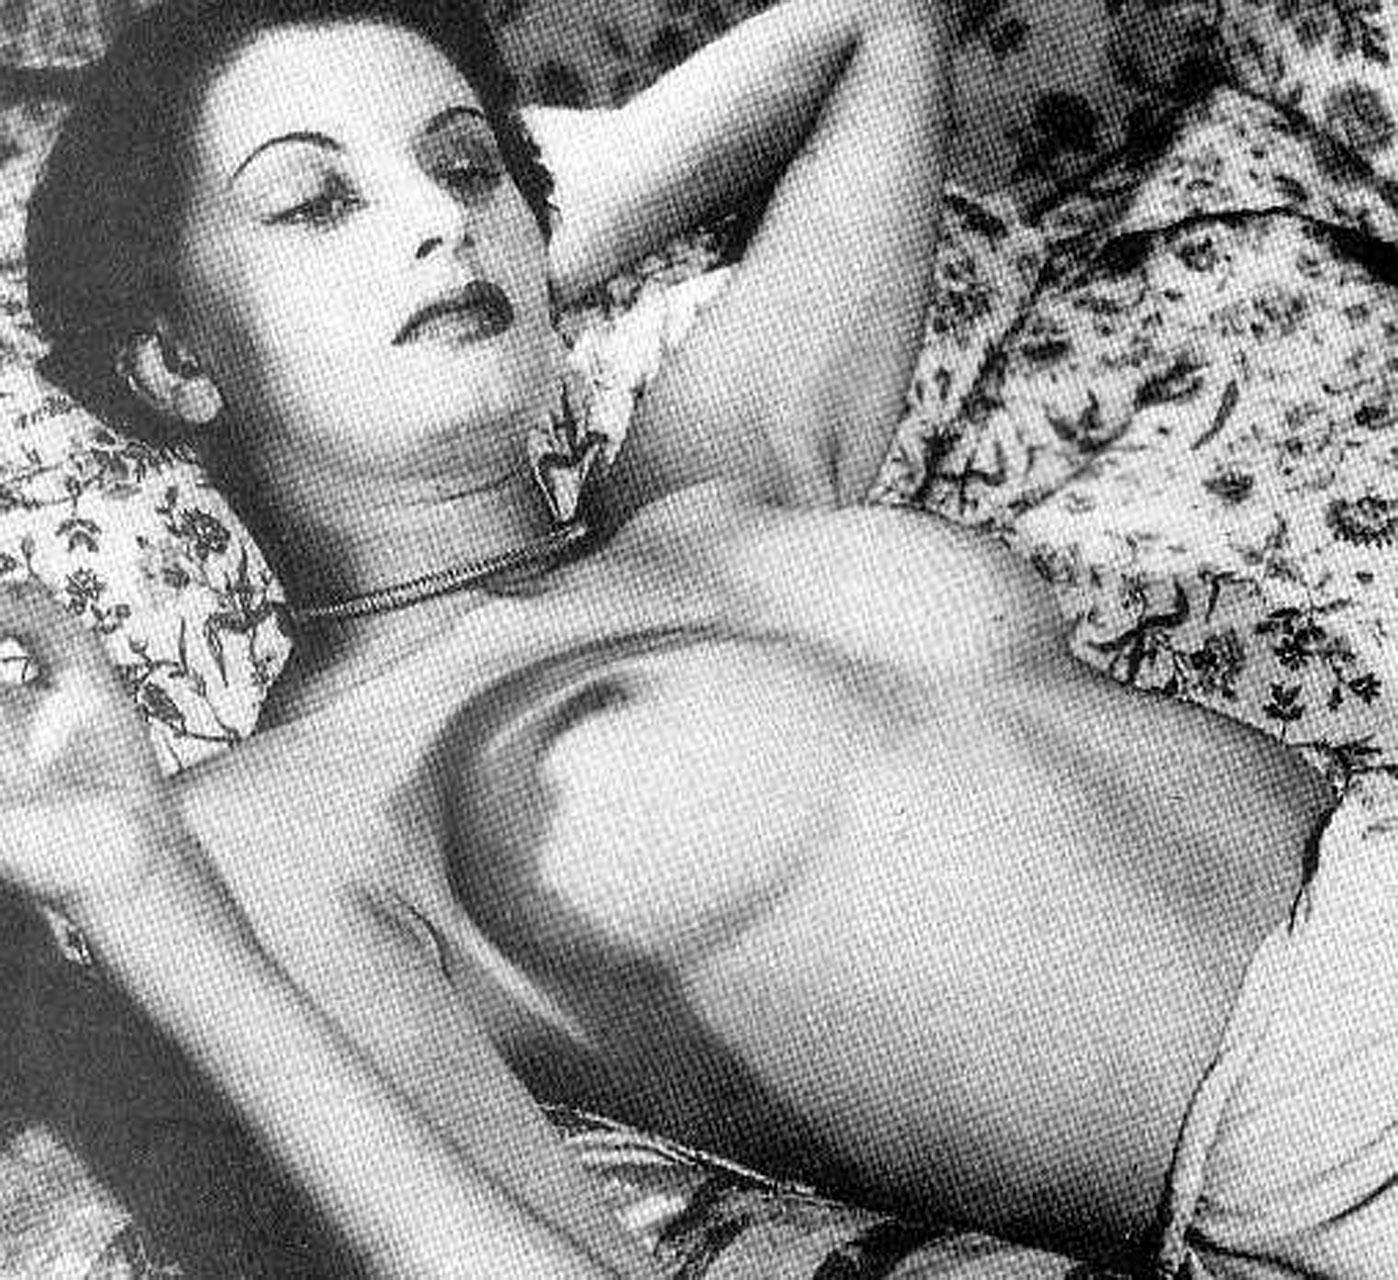 Софи лорен голая фото 7 фотография